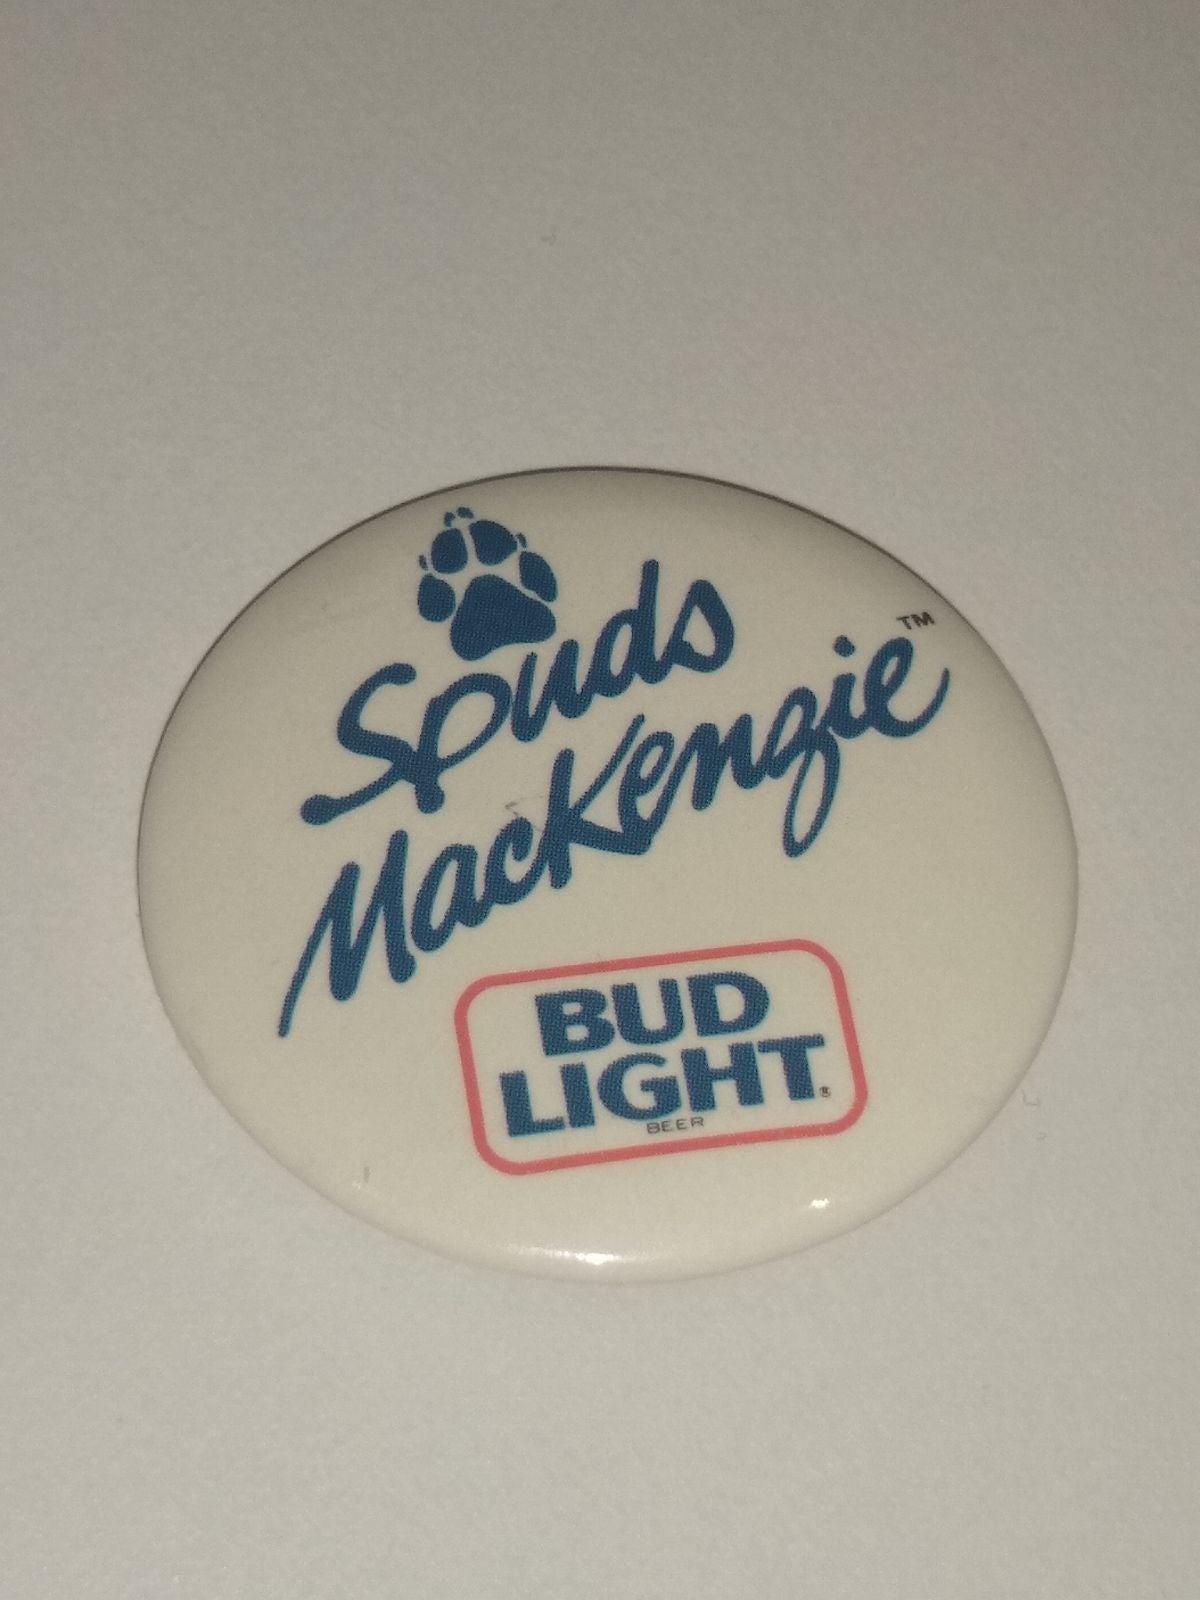 1987 Spuds Mackenzie Bud Light Beer Pin